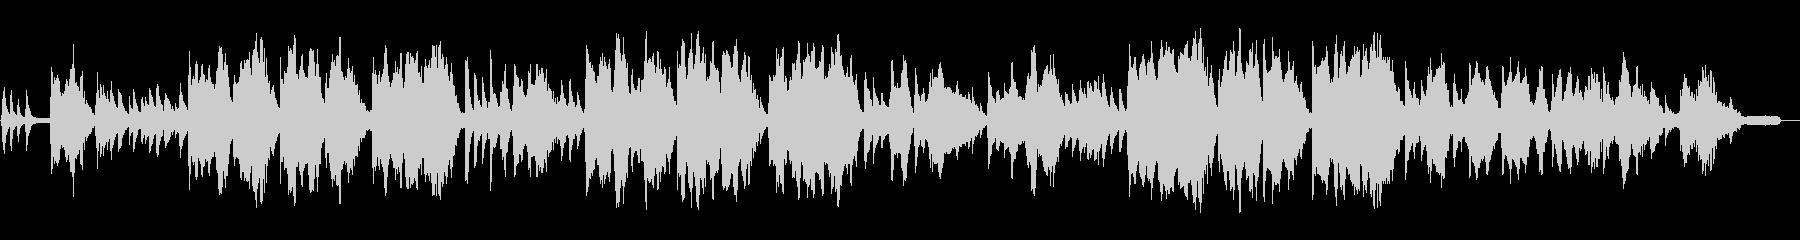 ピアノと鍵盤ハーモニカの童謡「ふるさと」の未再生の波形